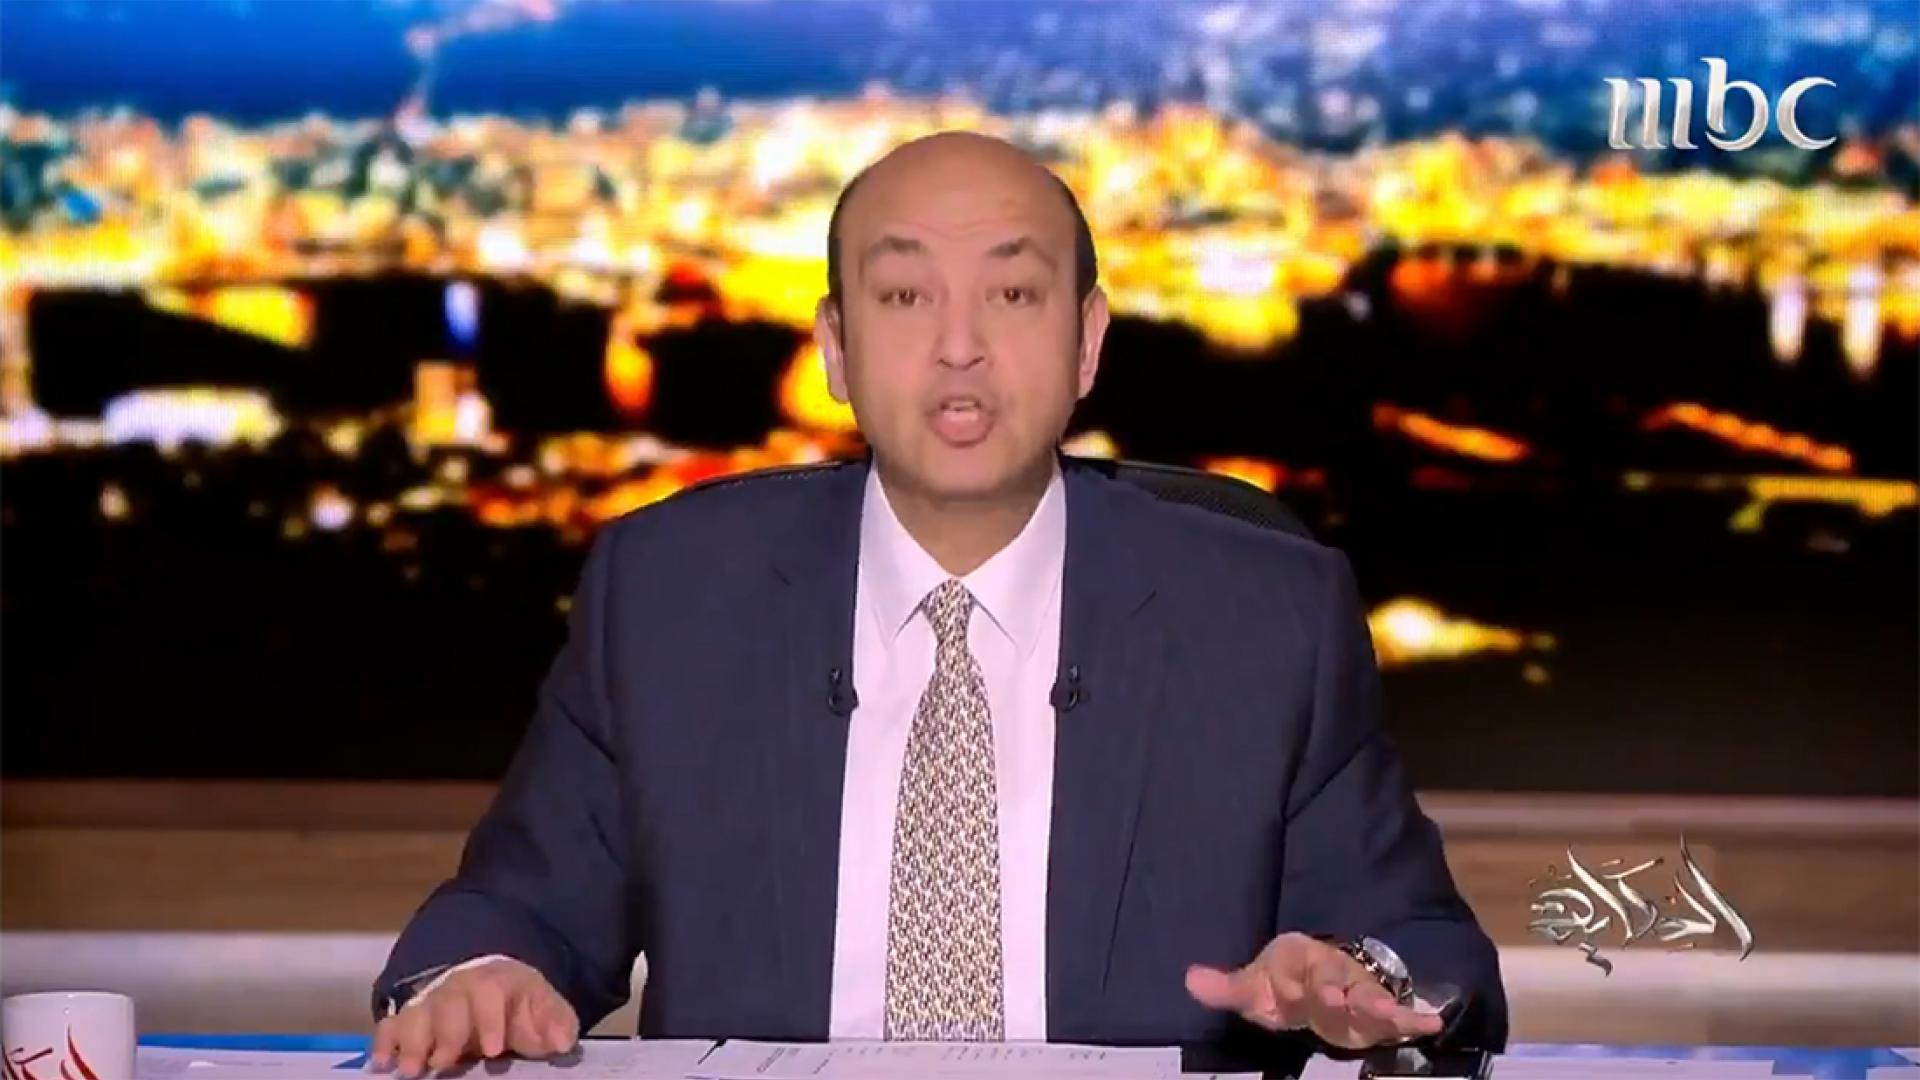 """عمرو أديب يتحدث عن """"نيزك يدار من تركيا"""" ضد السعودية: كنت دايما بقول قطر وتميم الآن بقول أردوغان"""